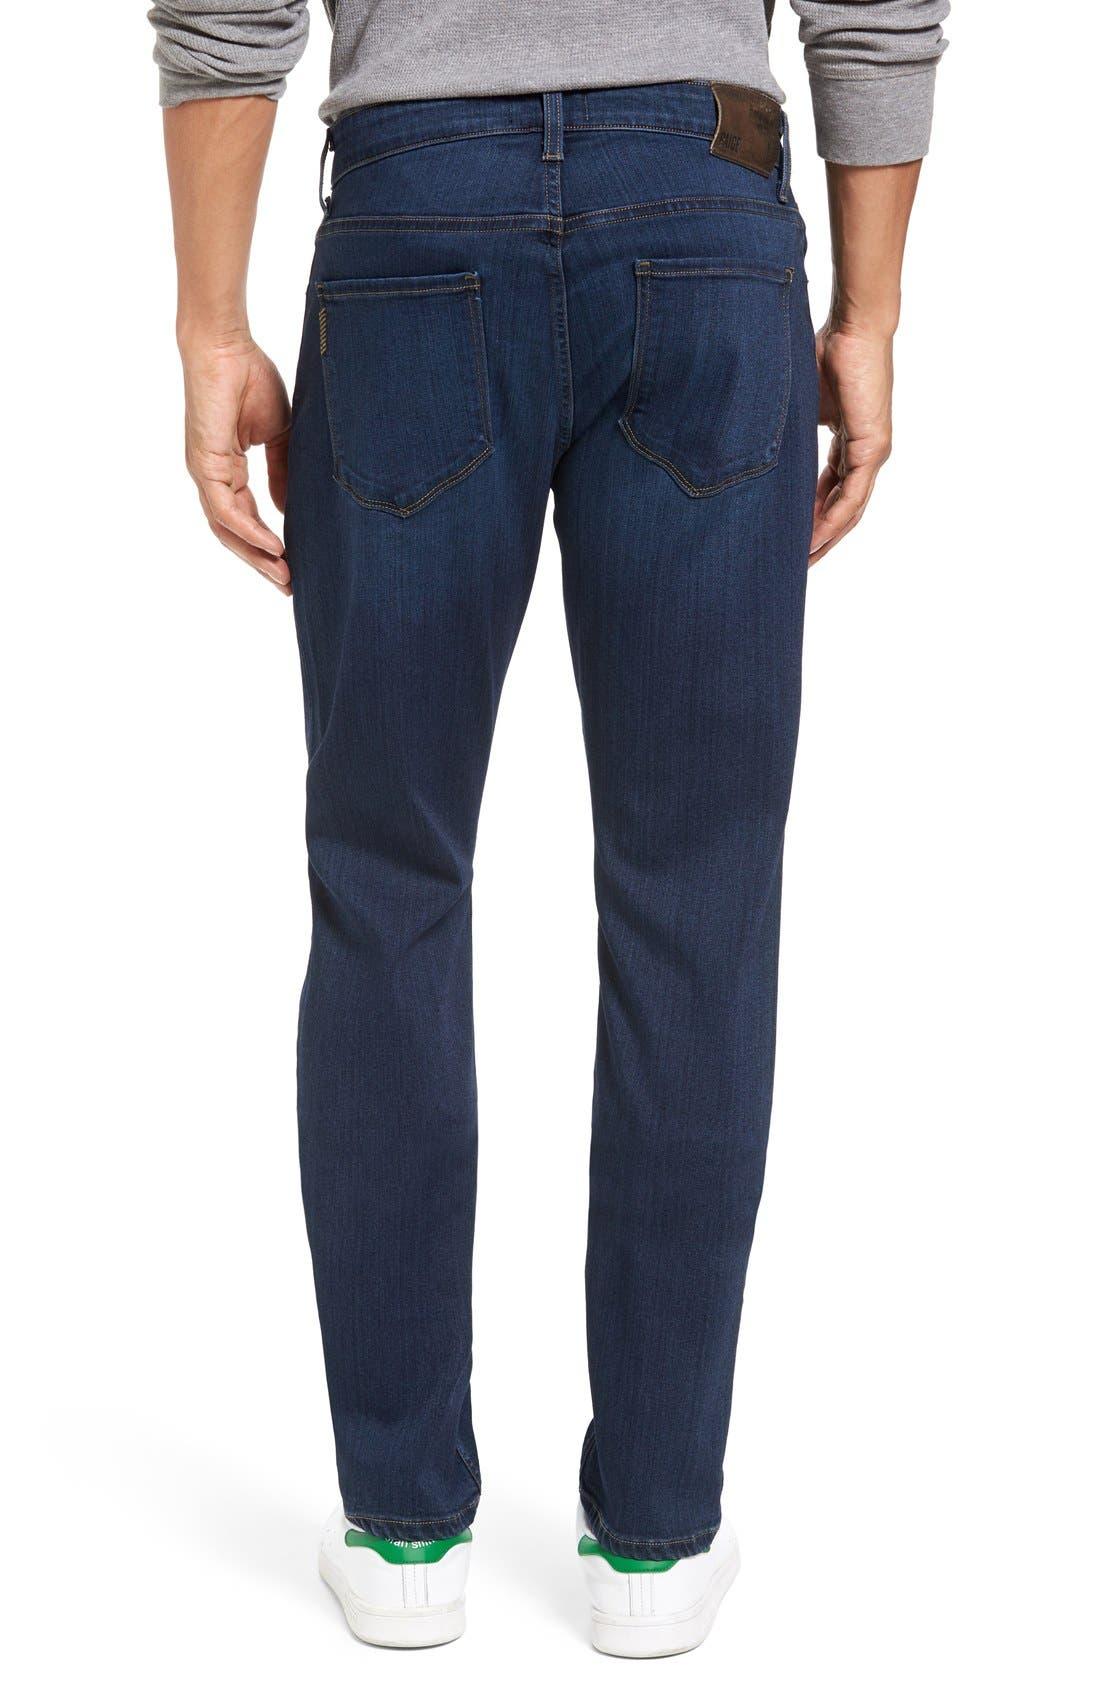 Transcend - Federal Slim Straight Leg Jeans,                             Alternate thumbnail 2, color,                             Scott